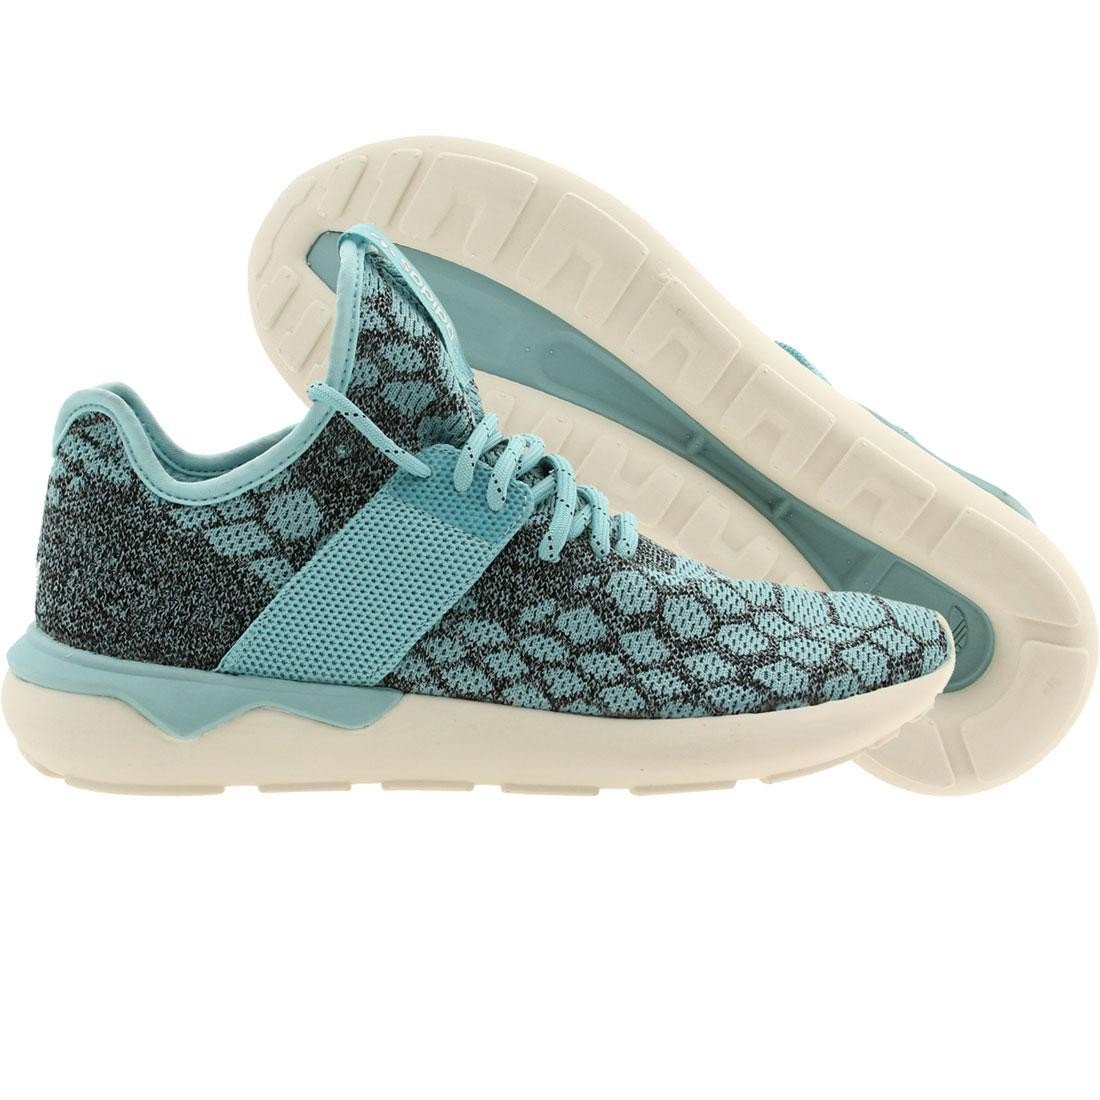 【海外限定】アディダス ニット スニーカー メンズ靴 【 ADIDAS MEN TUBULAR RUNNER PRIME KNIT BLUE CBLACK 】